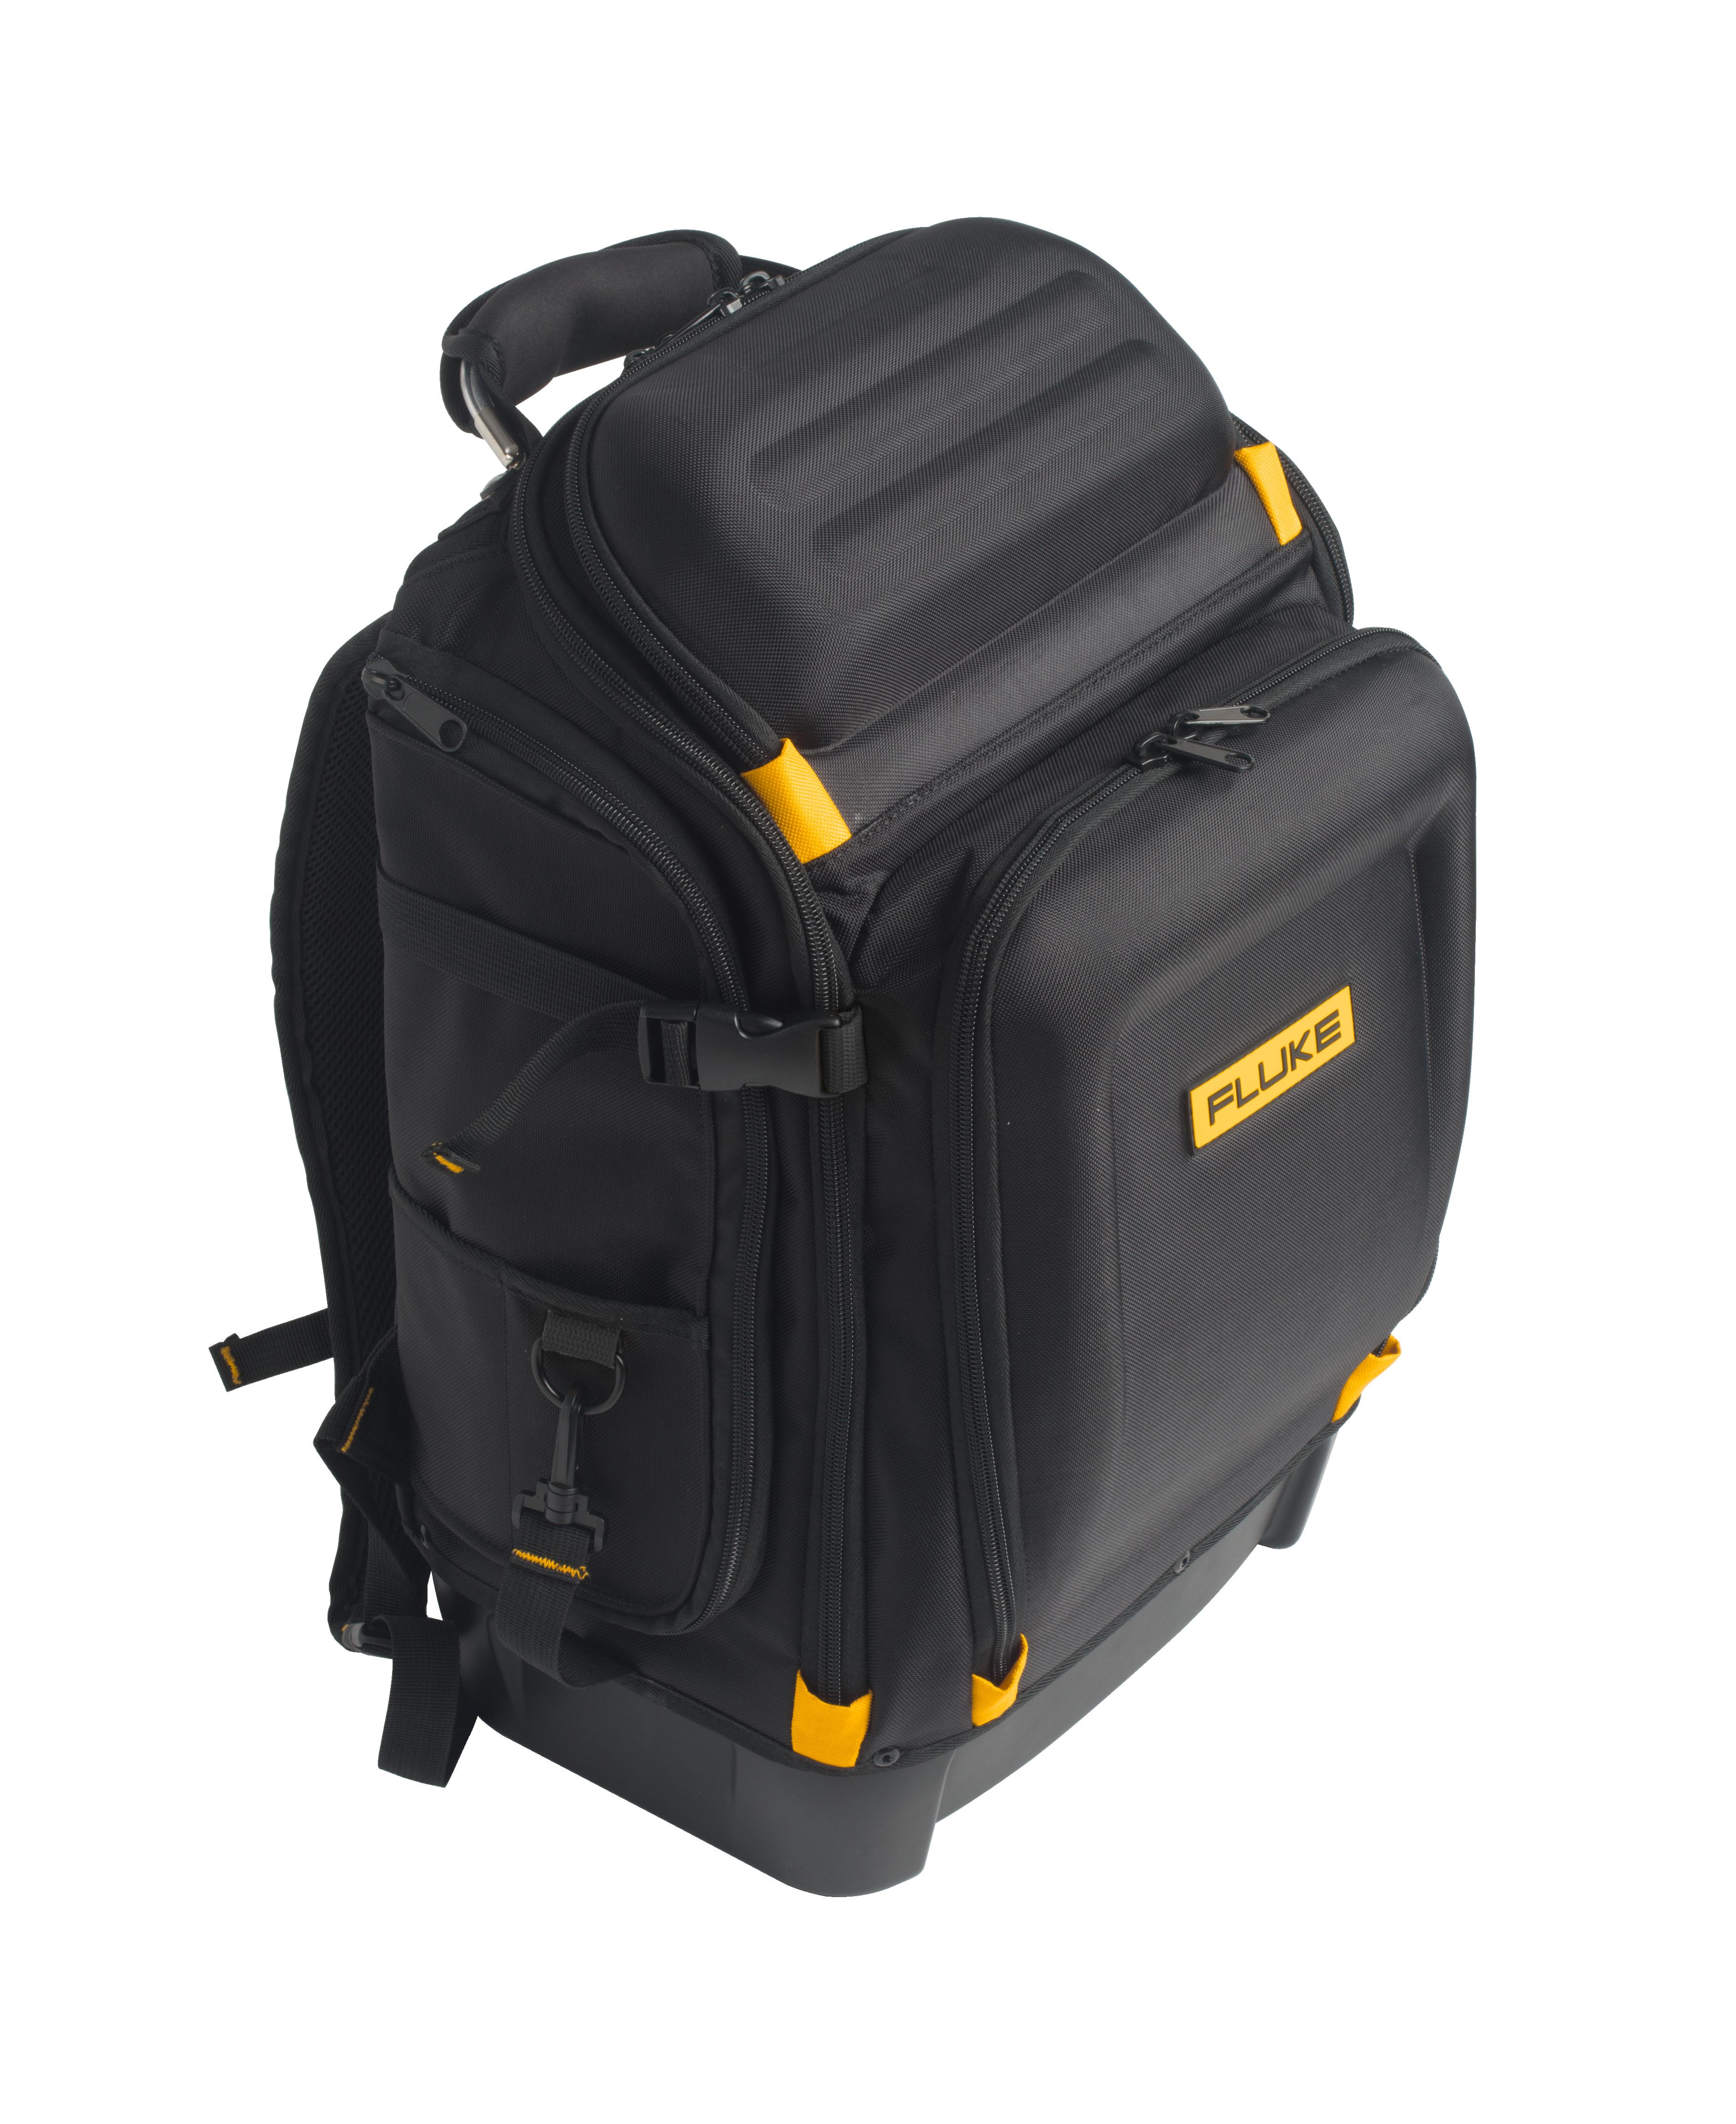 Fluke Pack30 Professional Tool Backpack